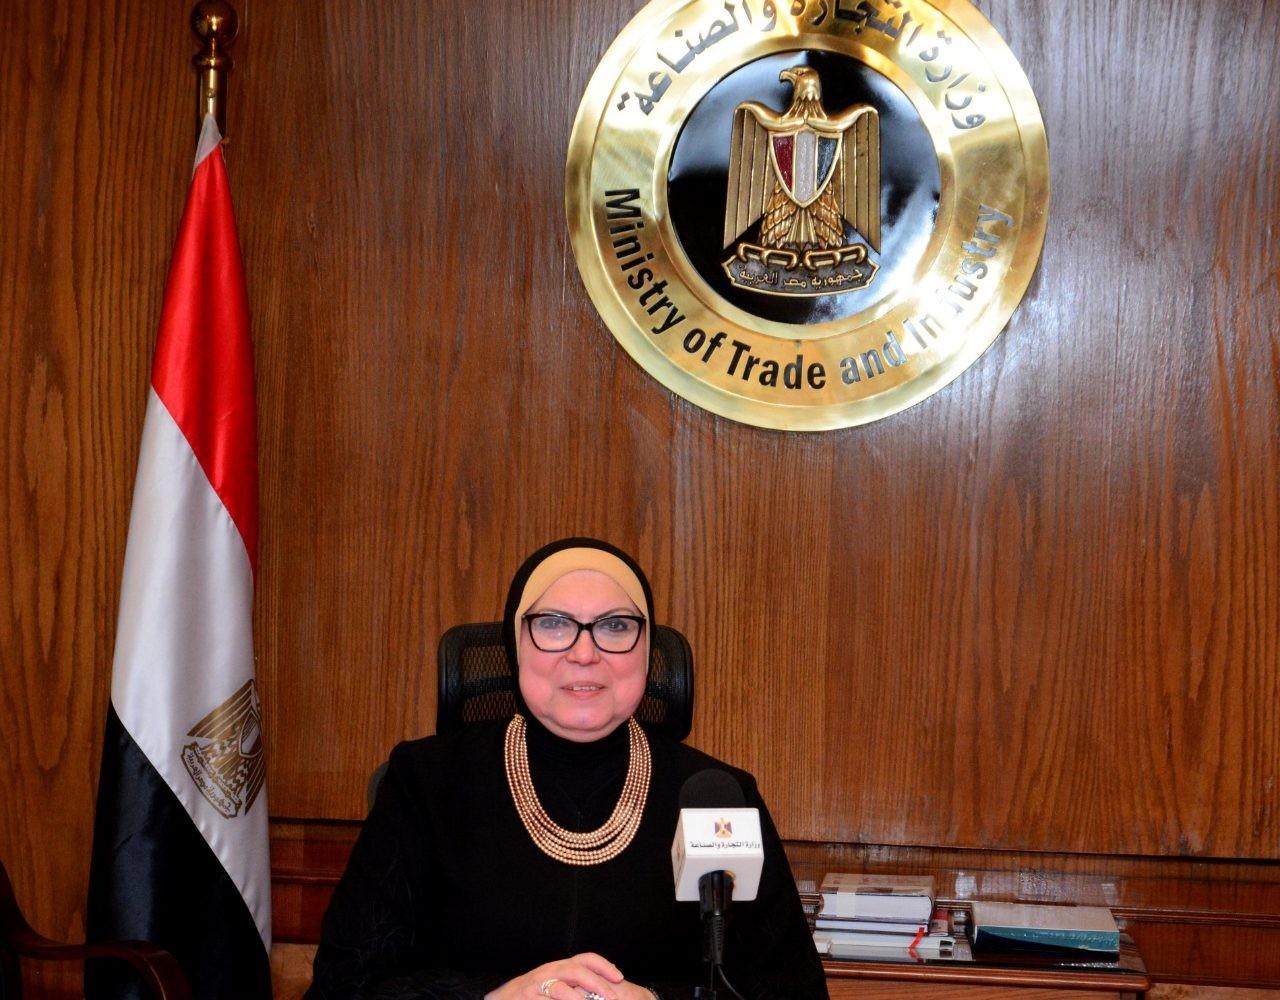 وزيرة التجارة: نسعى لضبط آليات السوق وتحقيق المنفعة المشتركة للشعوب العربية